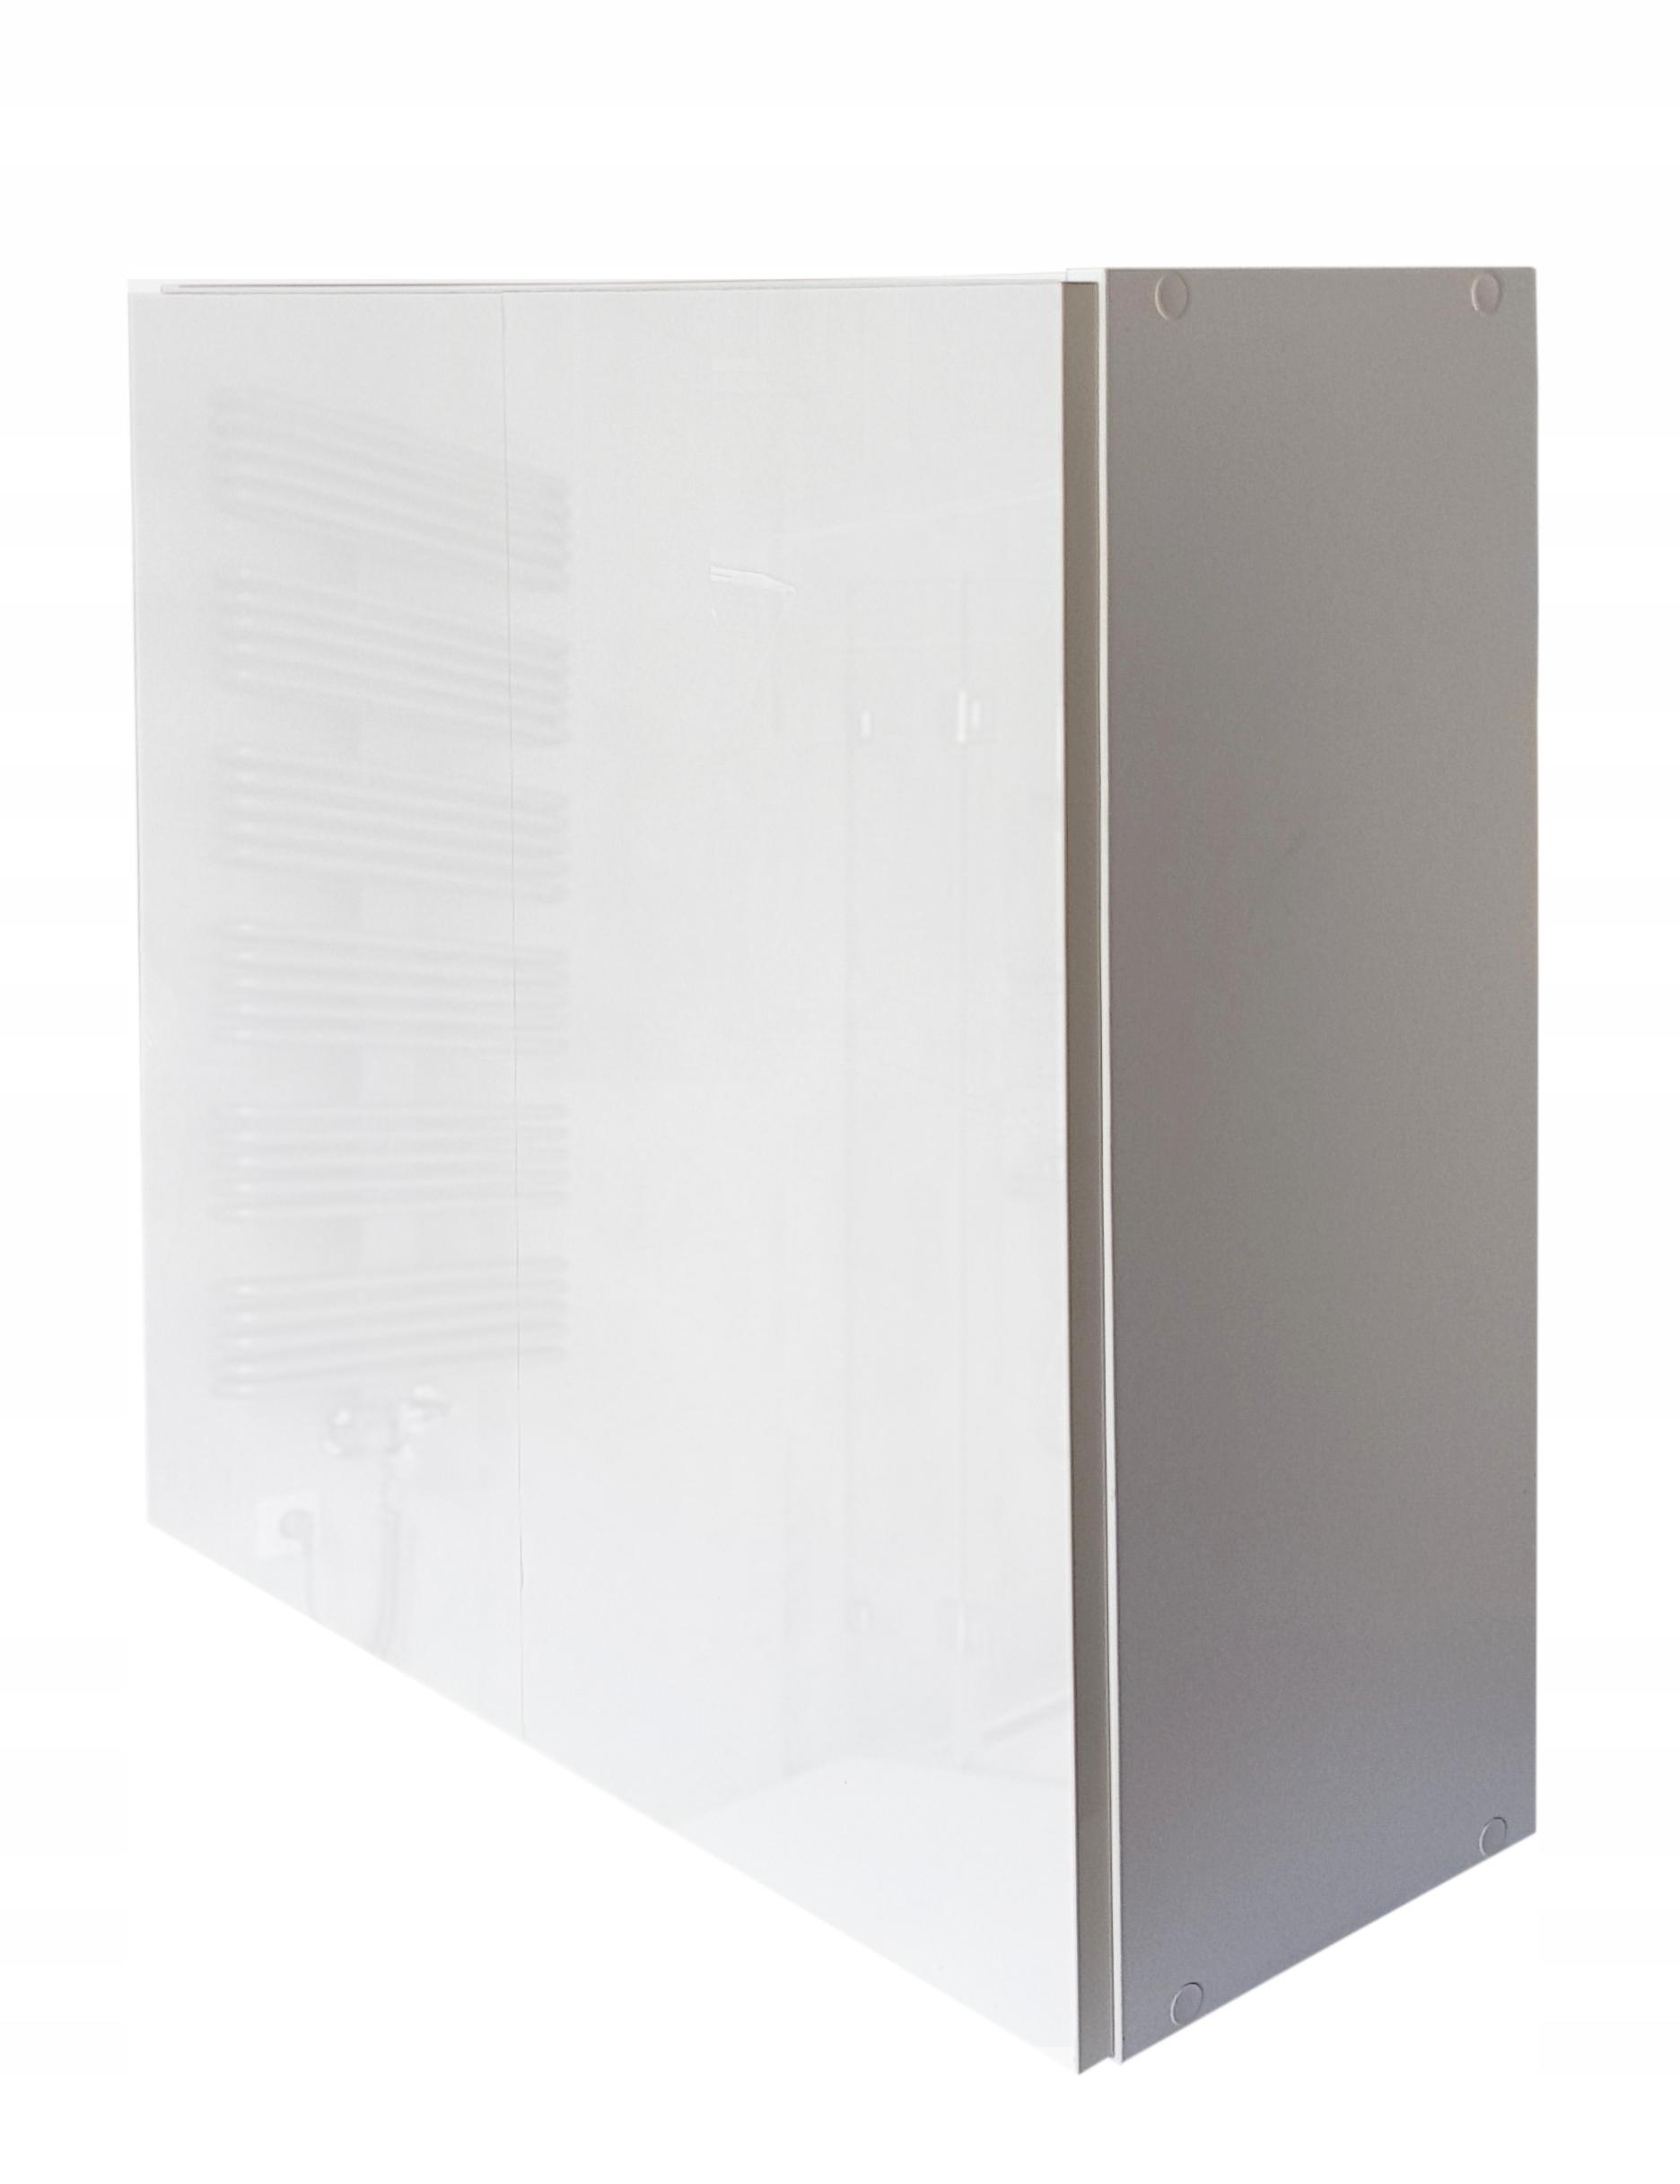 szafka łazienkowa wisząca z drzwiami na klik